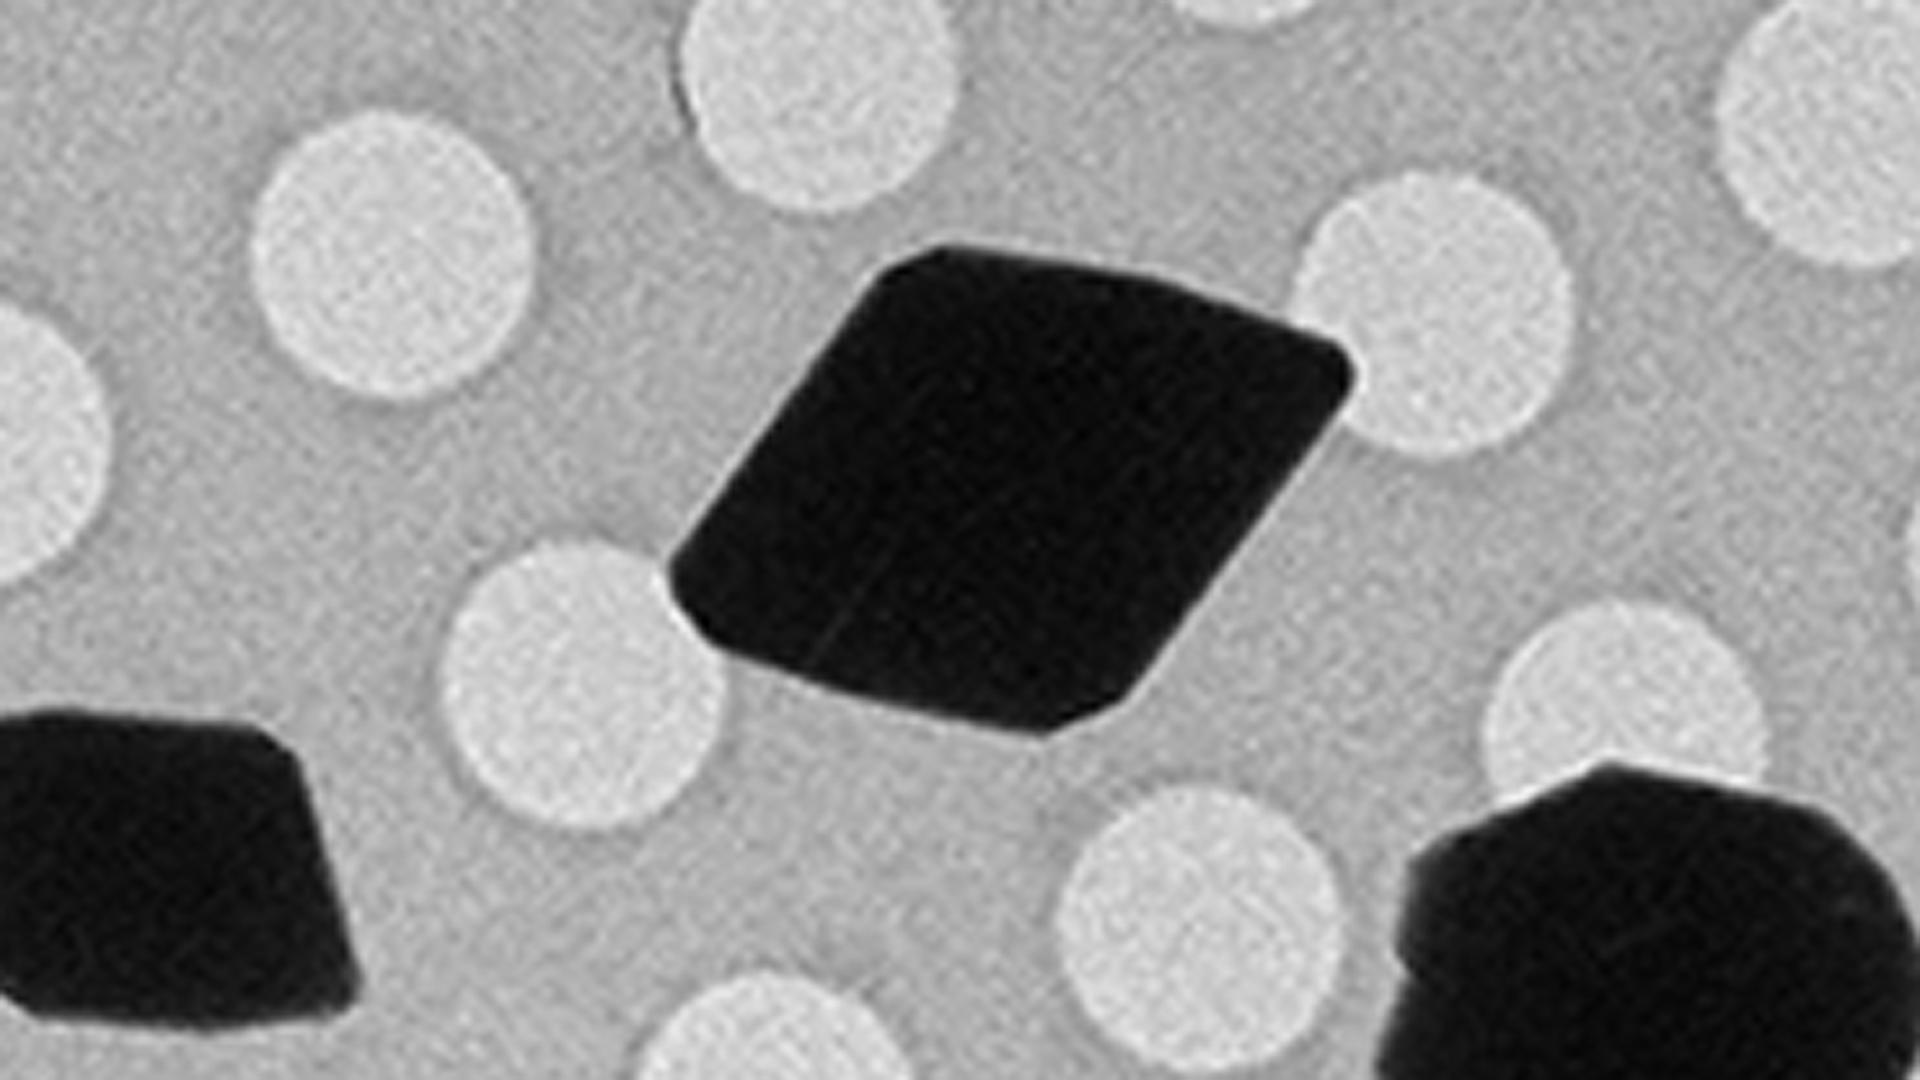 Una nueva técnica de análisis que permite fabricar pequeños cristales en tres dimensiones para averiguar la estructura de moléculas pequeñas como hormonas o medicamentos